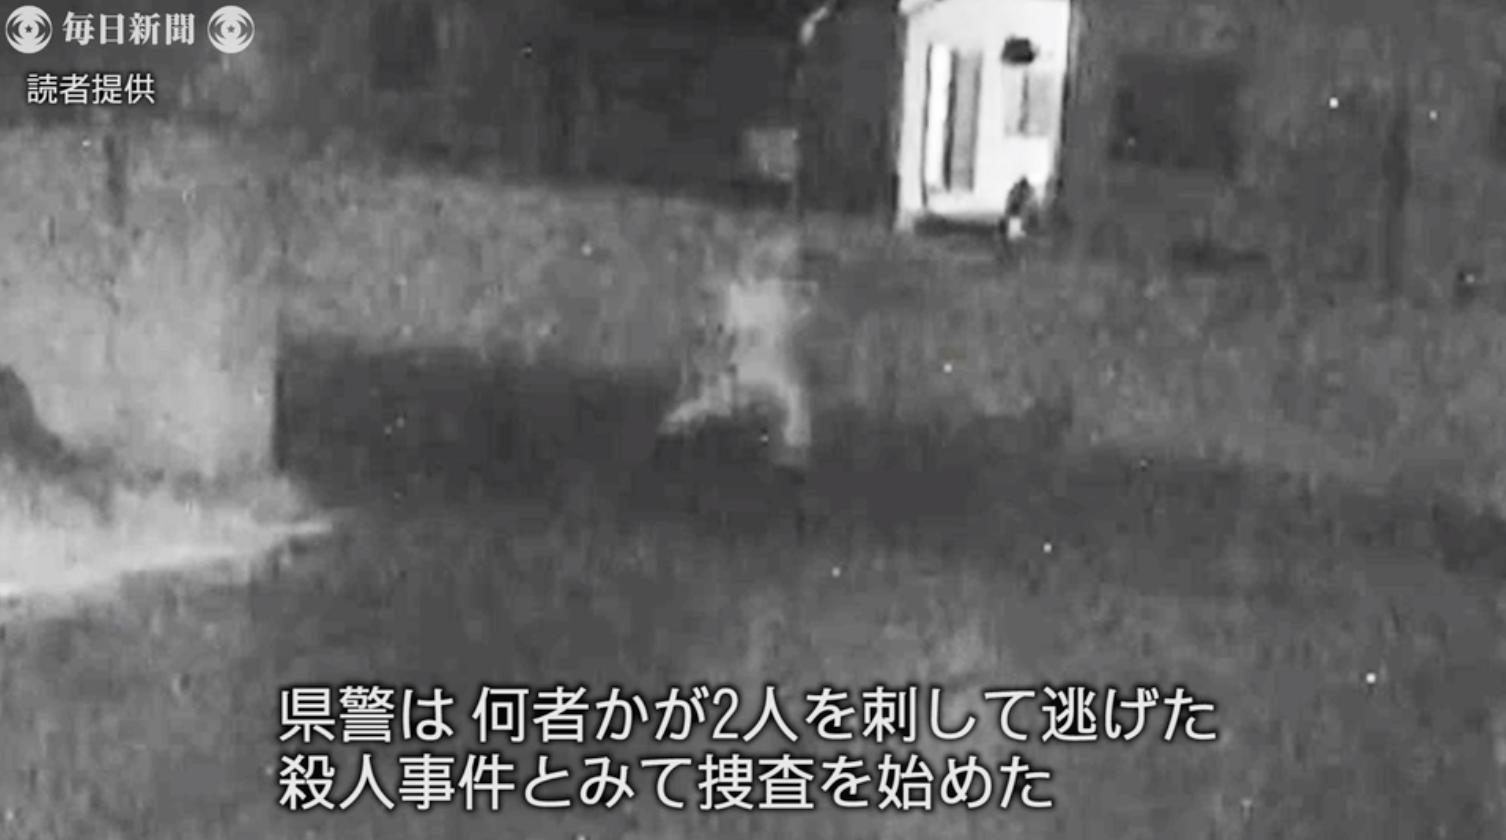 茨城県八千代町平塚の民家で胸や腹複数刺され死亡。防犯カメラに走り去る人影が。